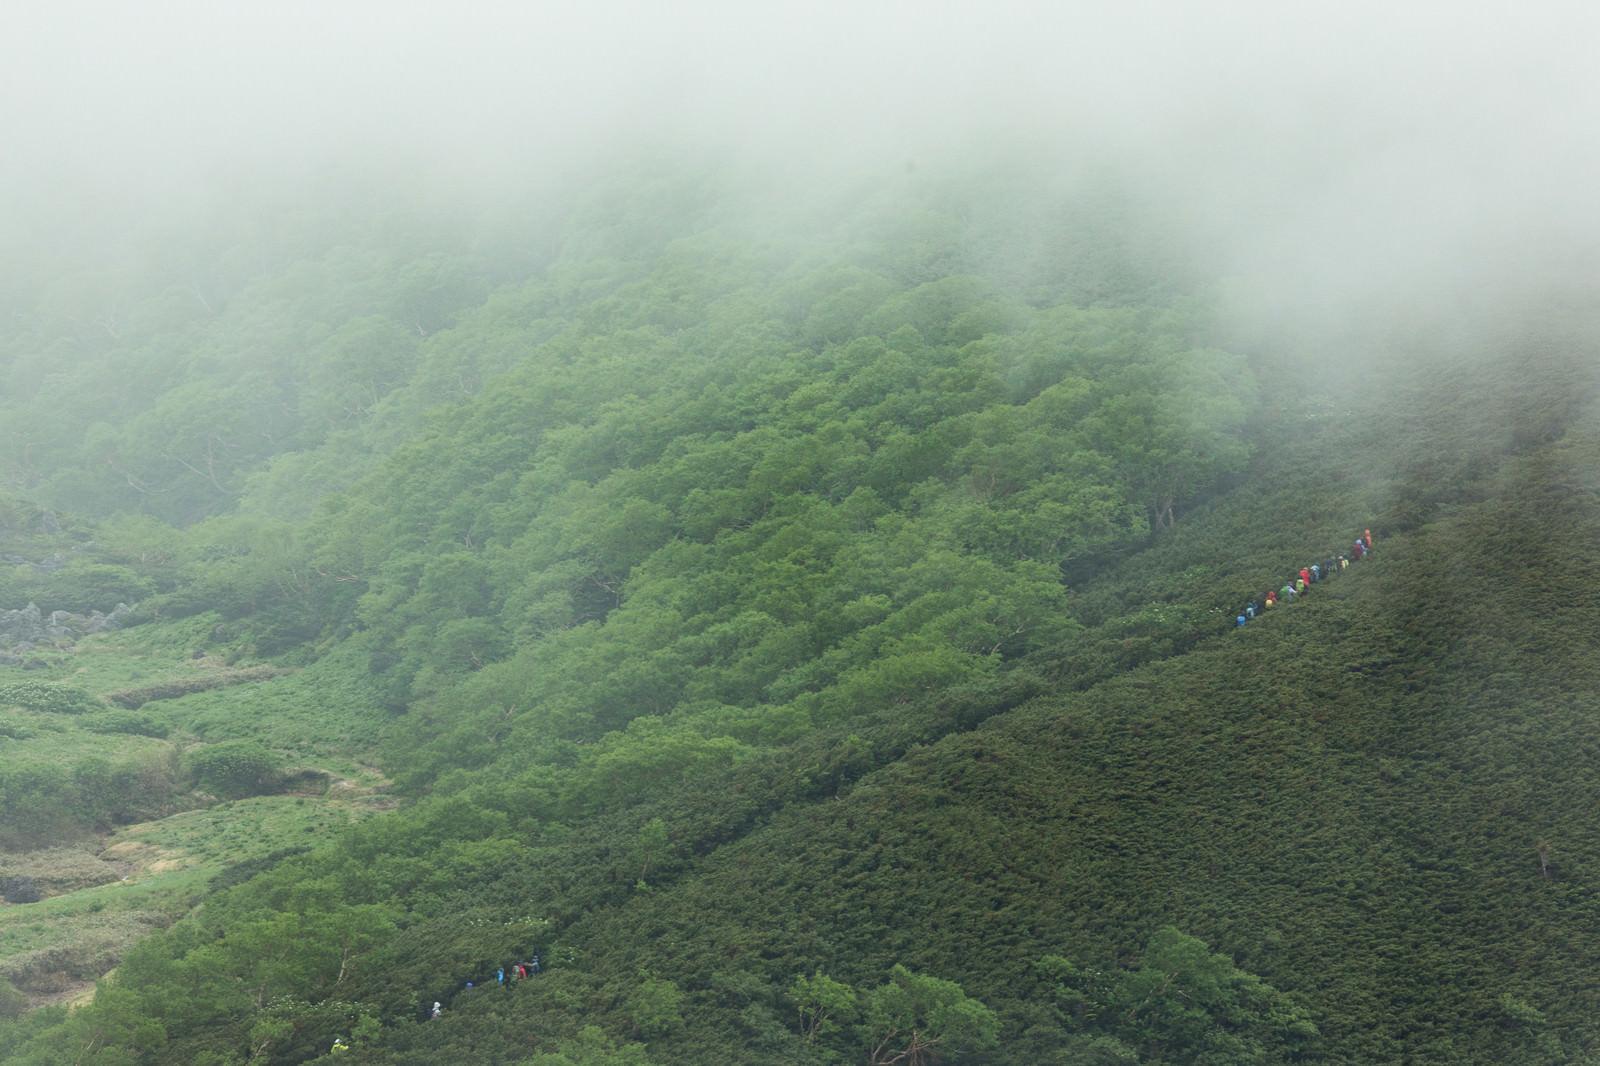 「霧が多い山の中をすすむ登山者一行」の写真